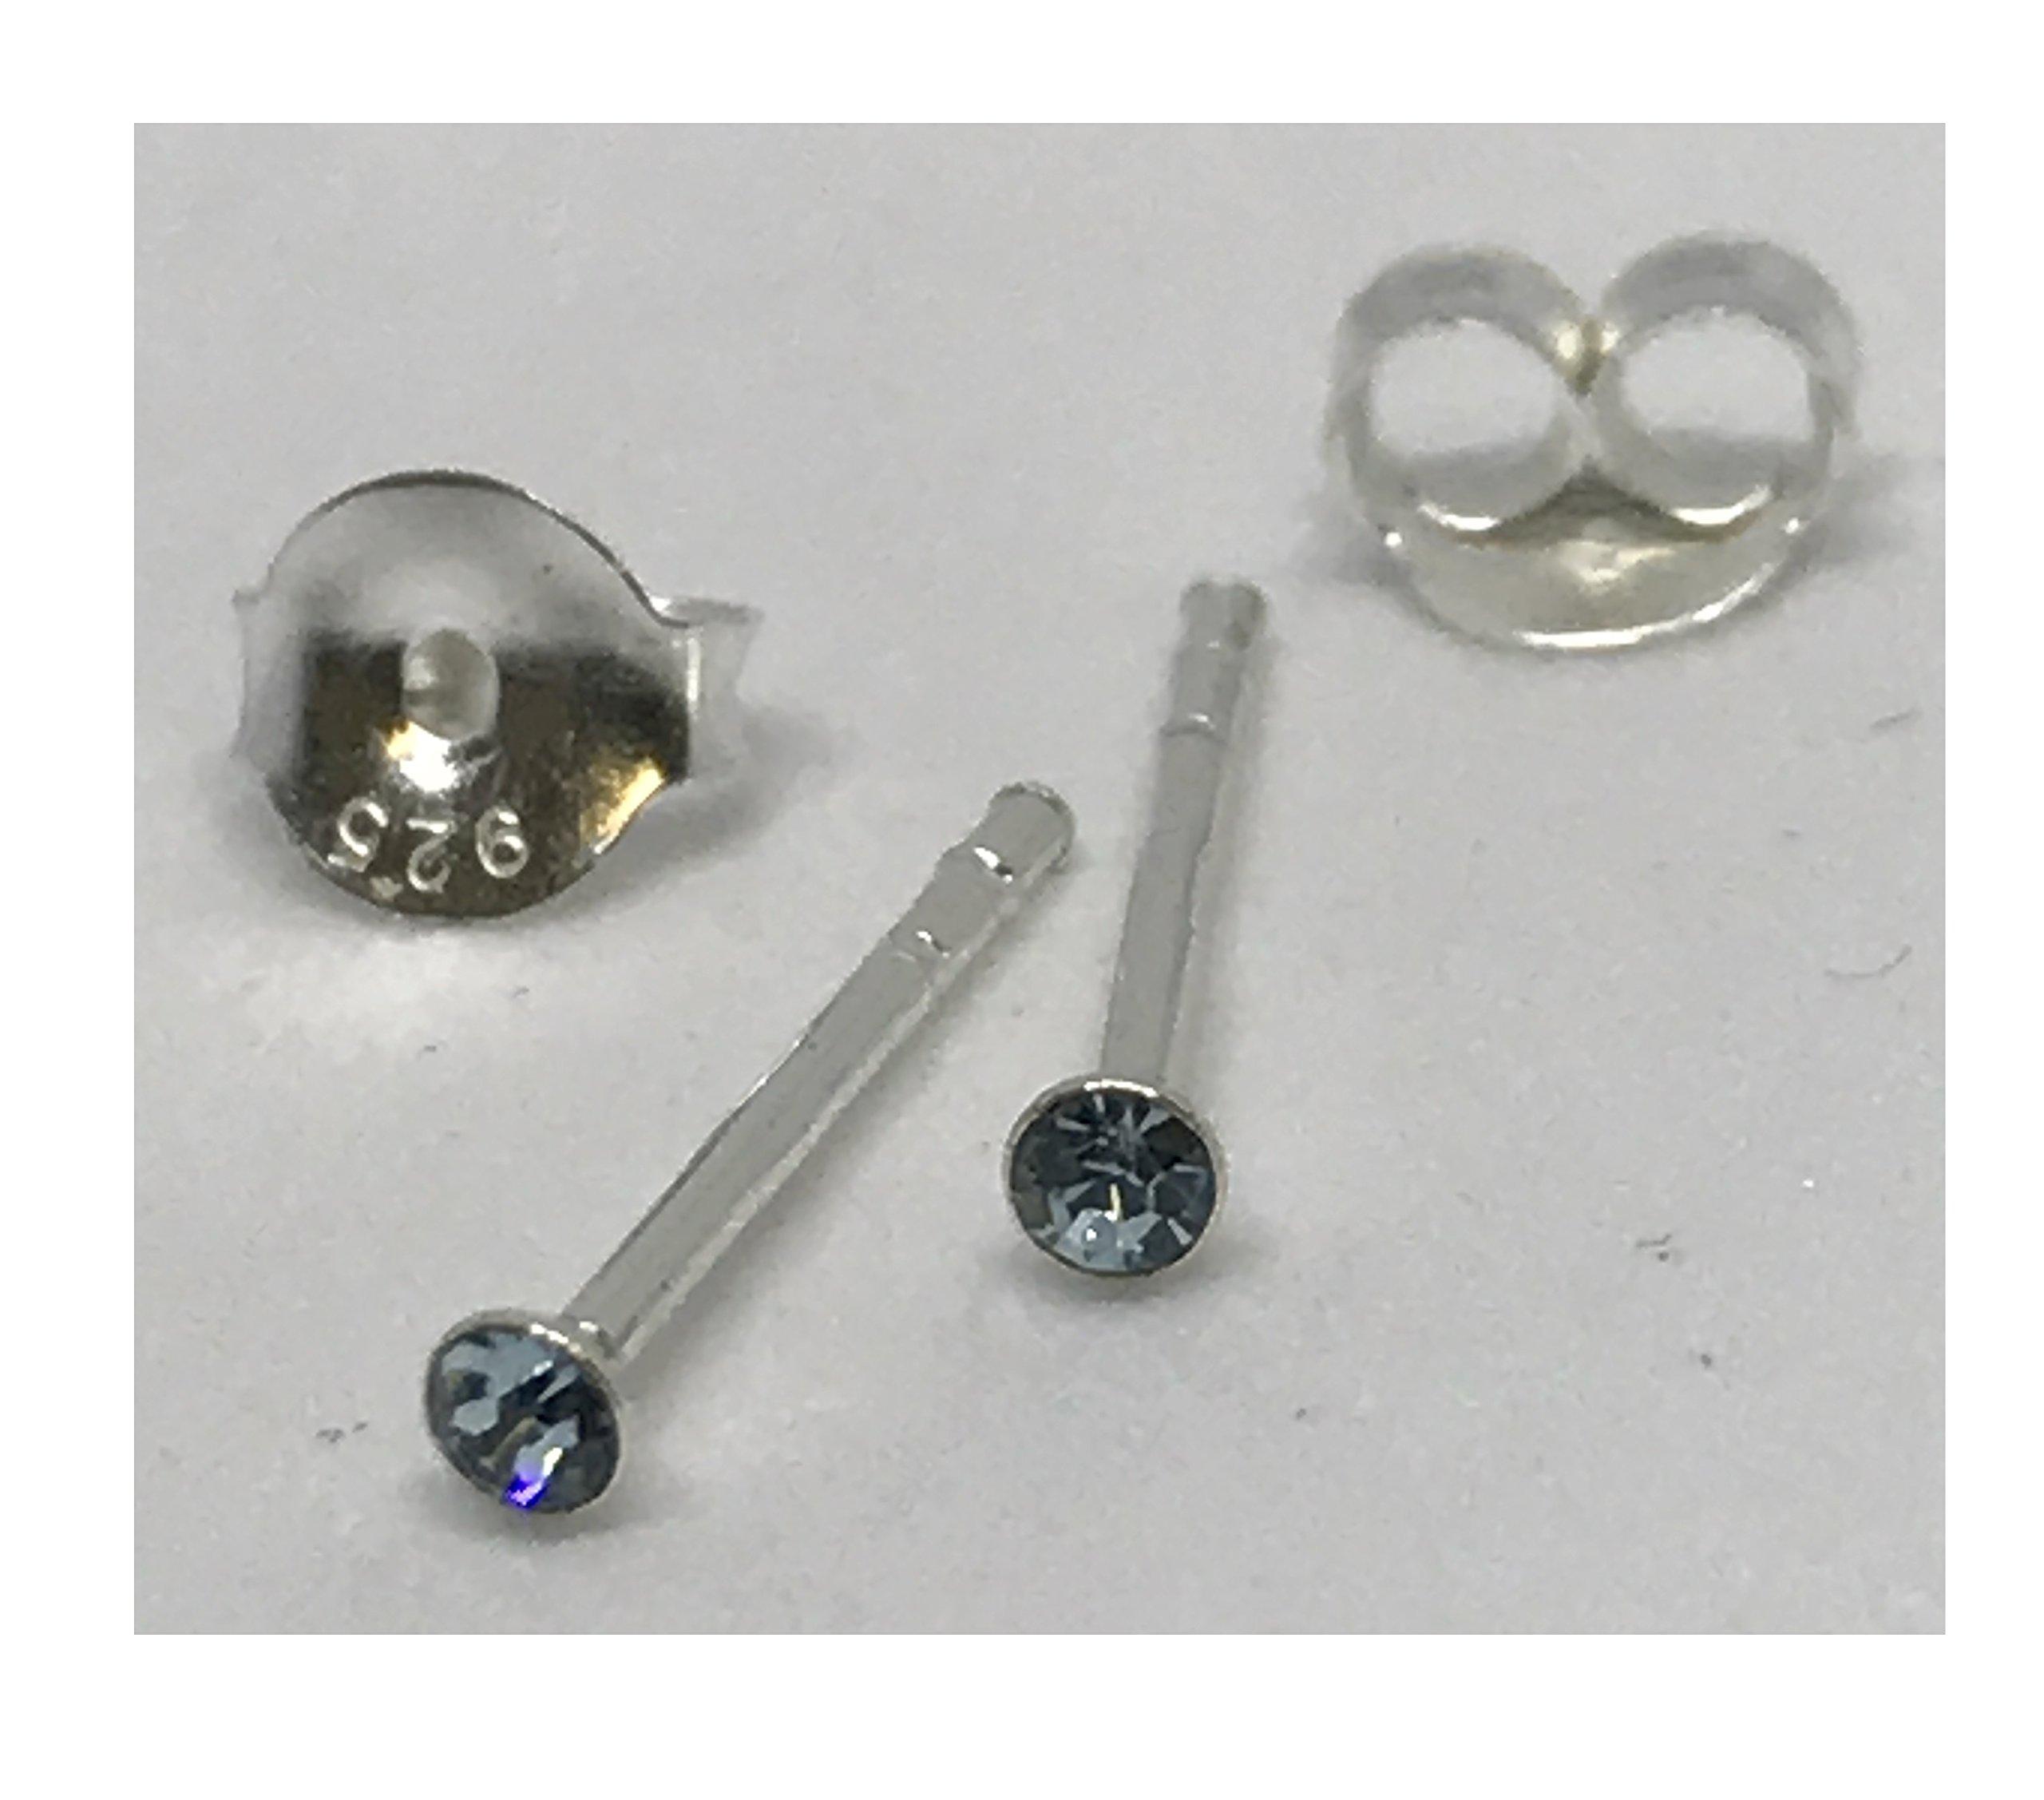 Silver Tulip Earrings - Sapphire Glass Crystal Ear Studs